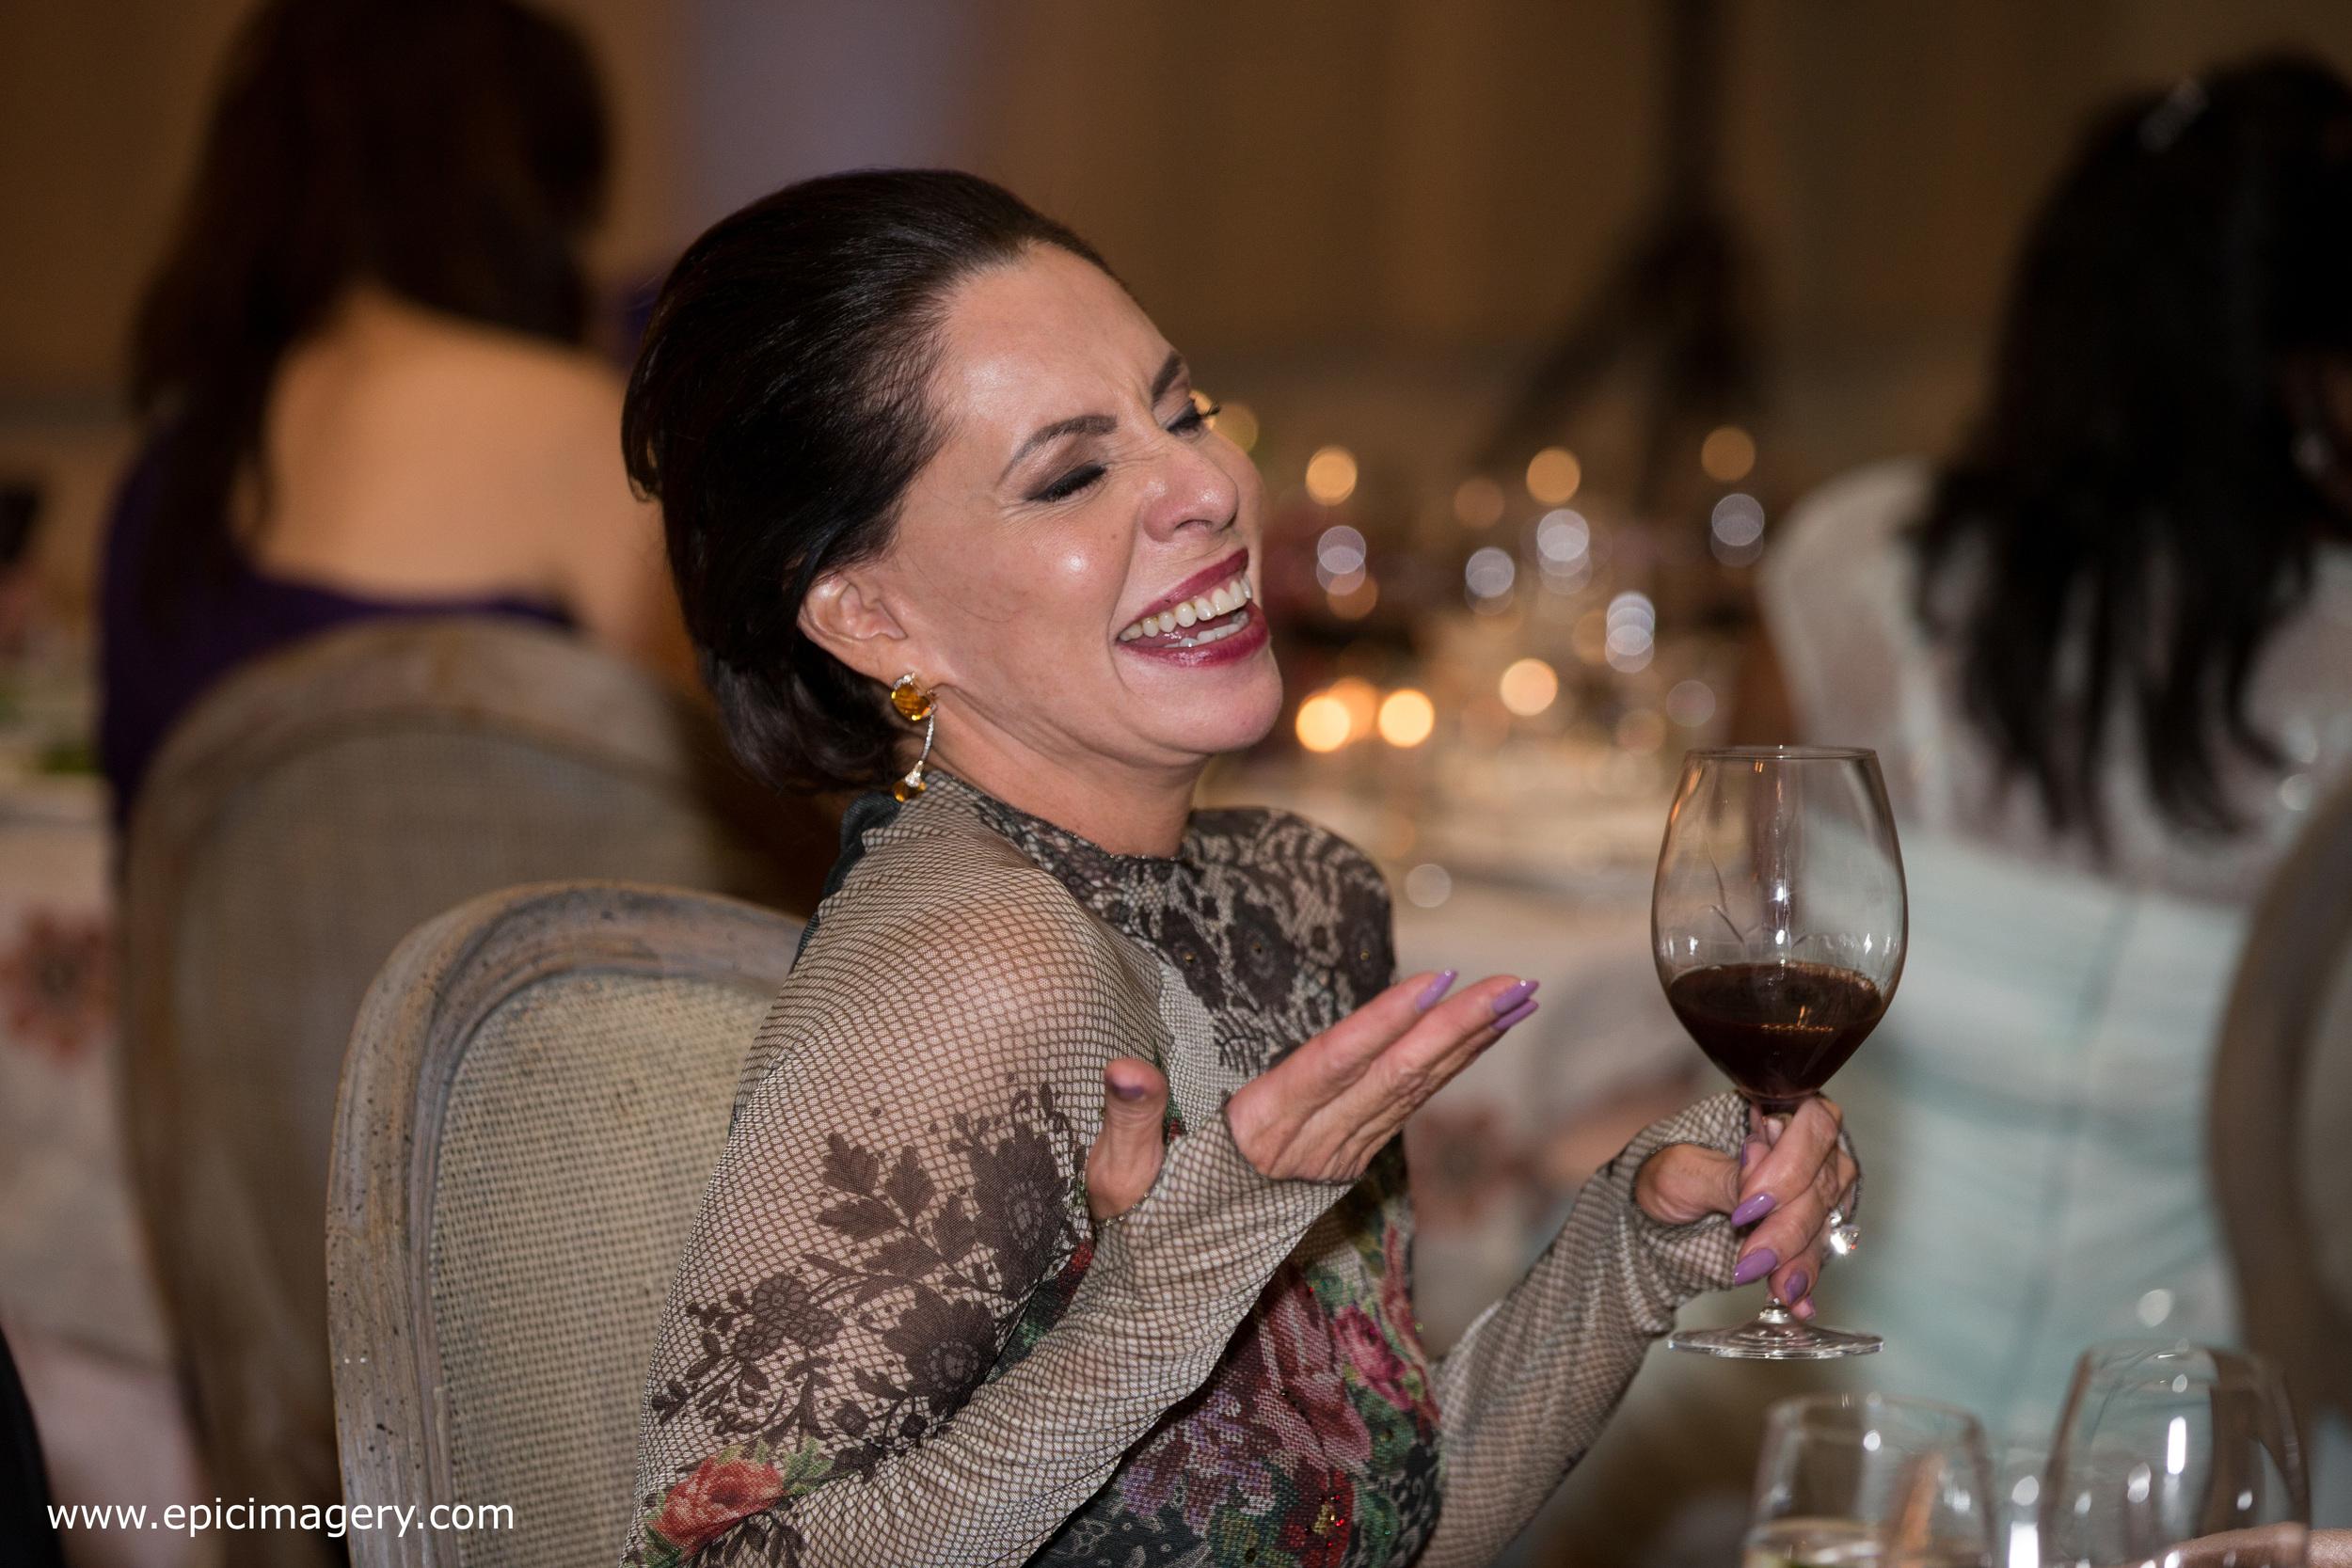 nancy laughing 3.jpg